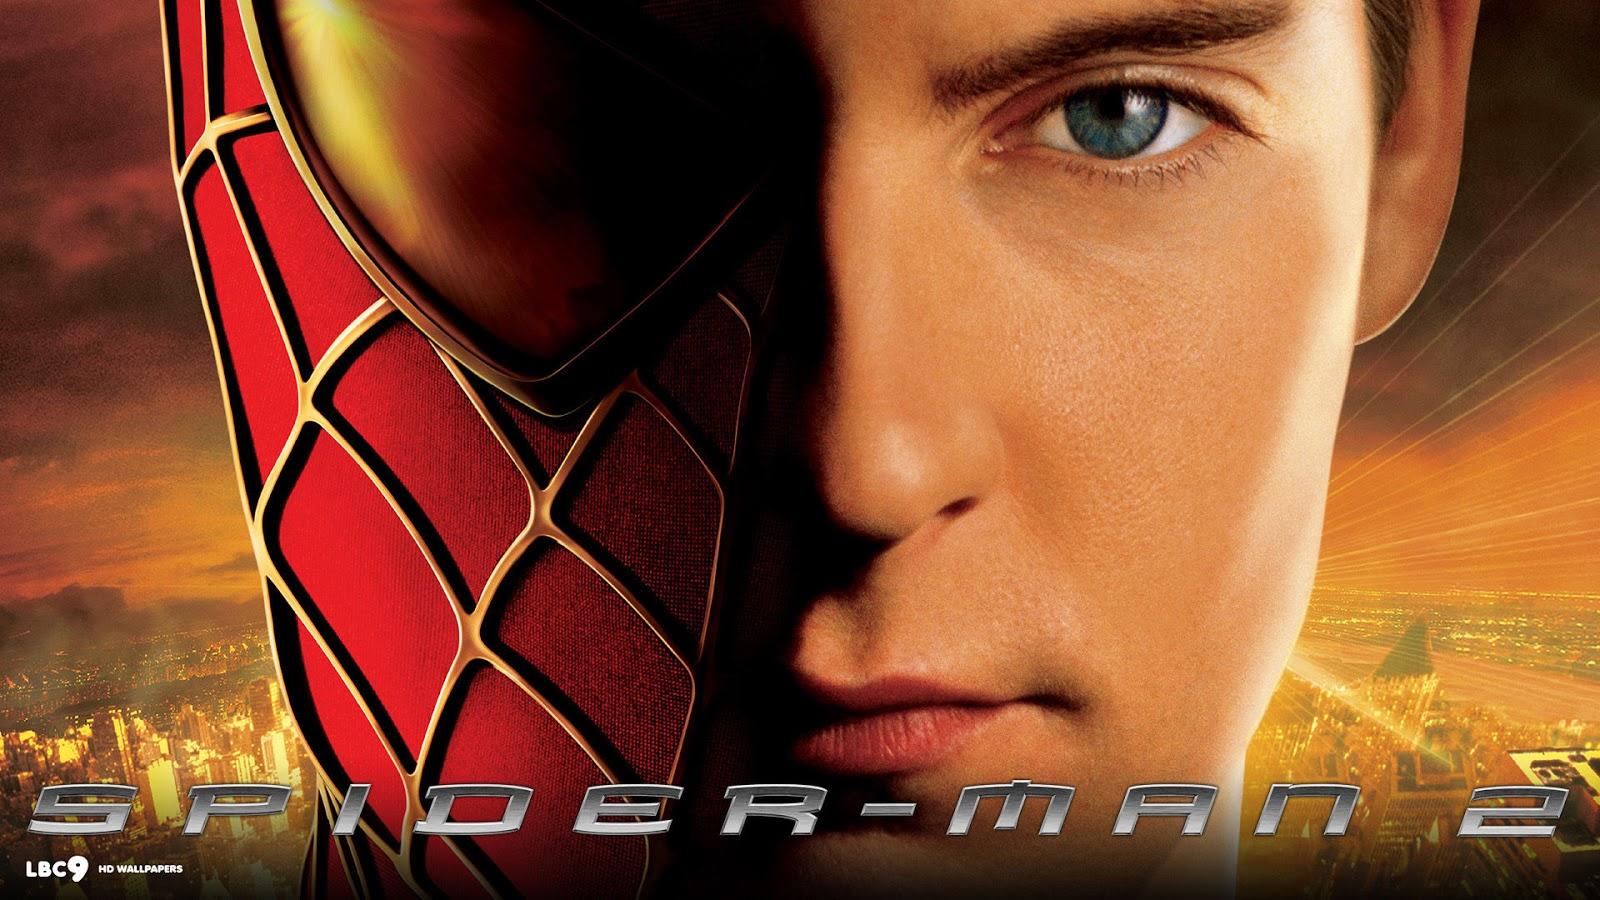 Spiderman 2 Wallpaper HD